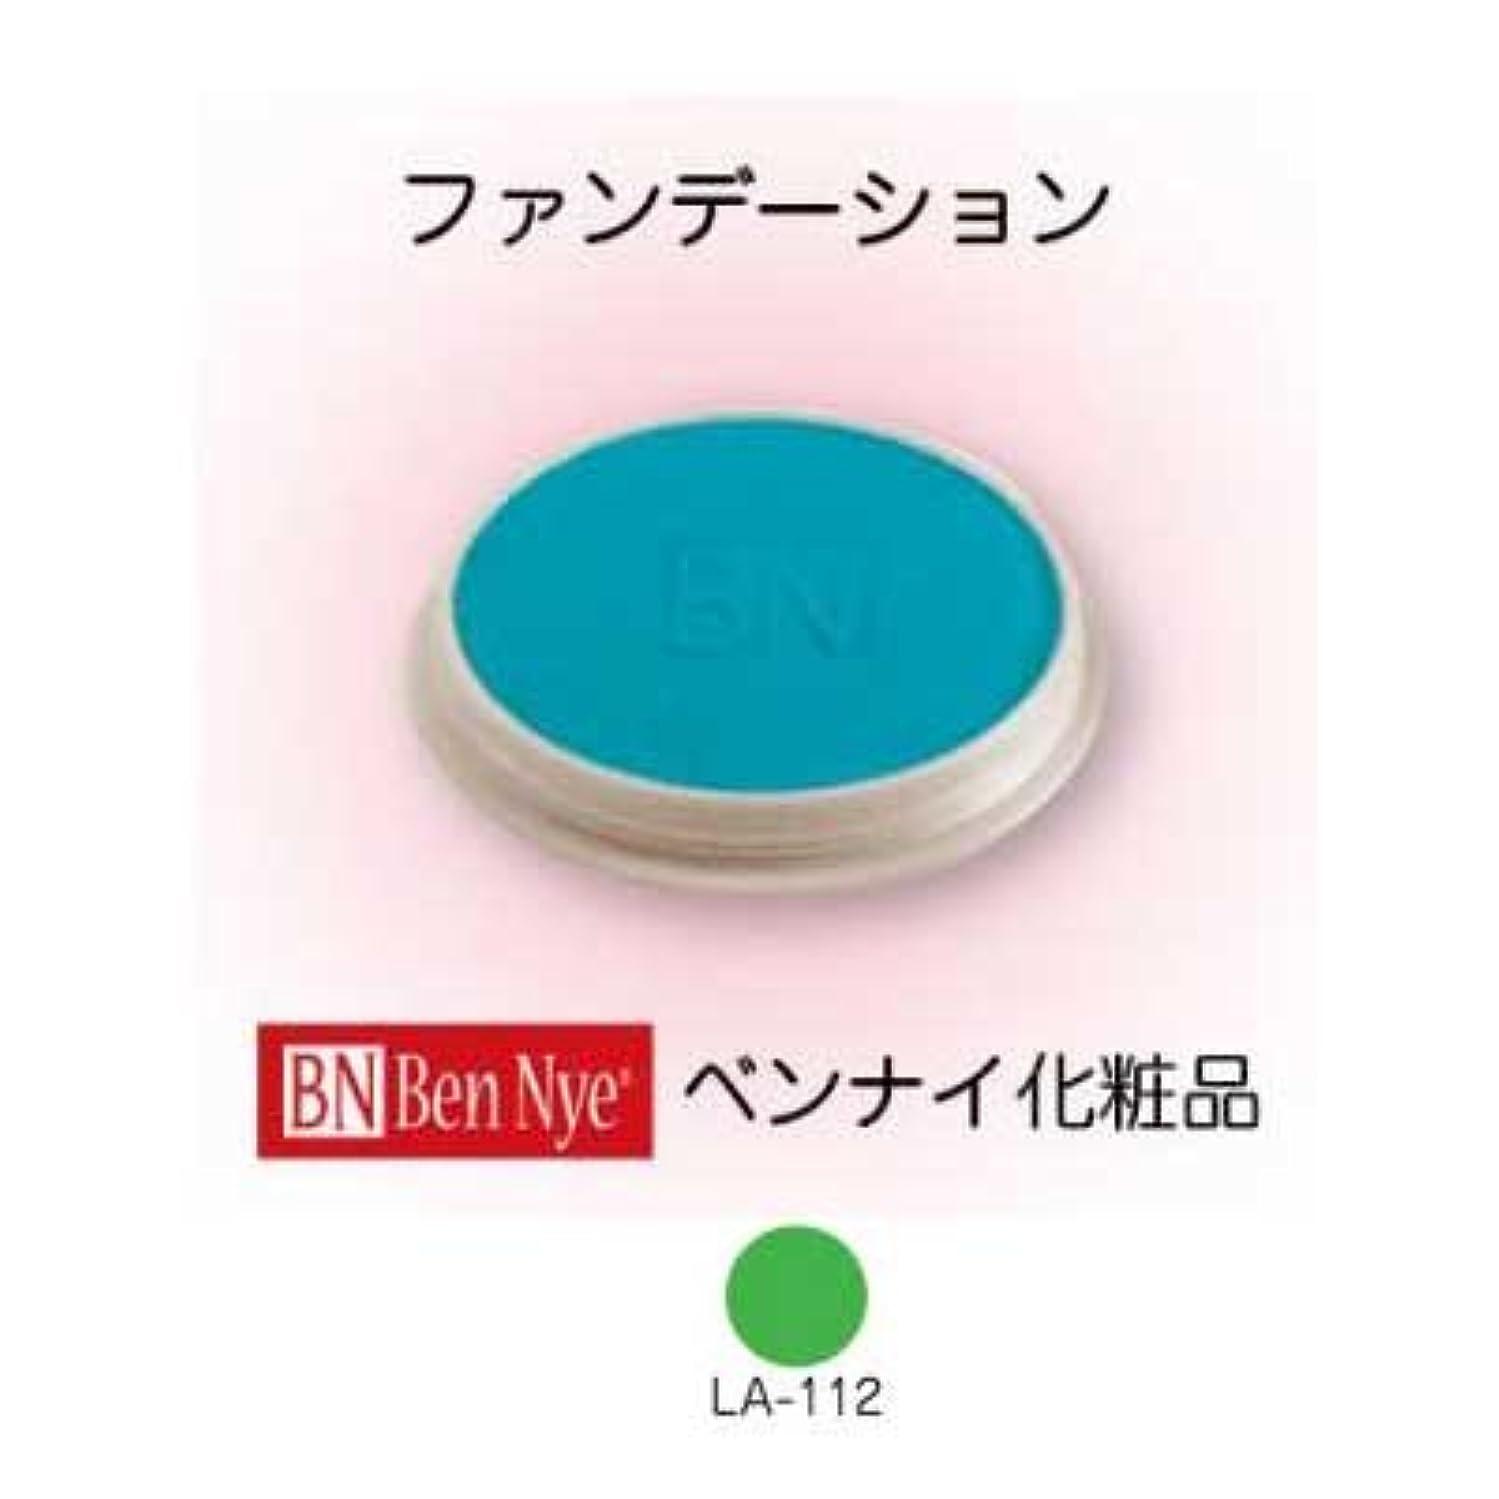 誓う正しく直径マジケーキ LA-112【ベンナイ化粧品】